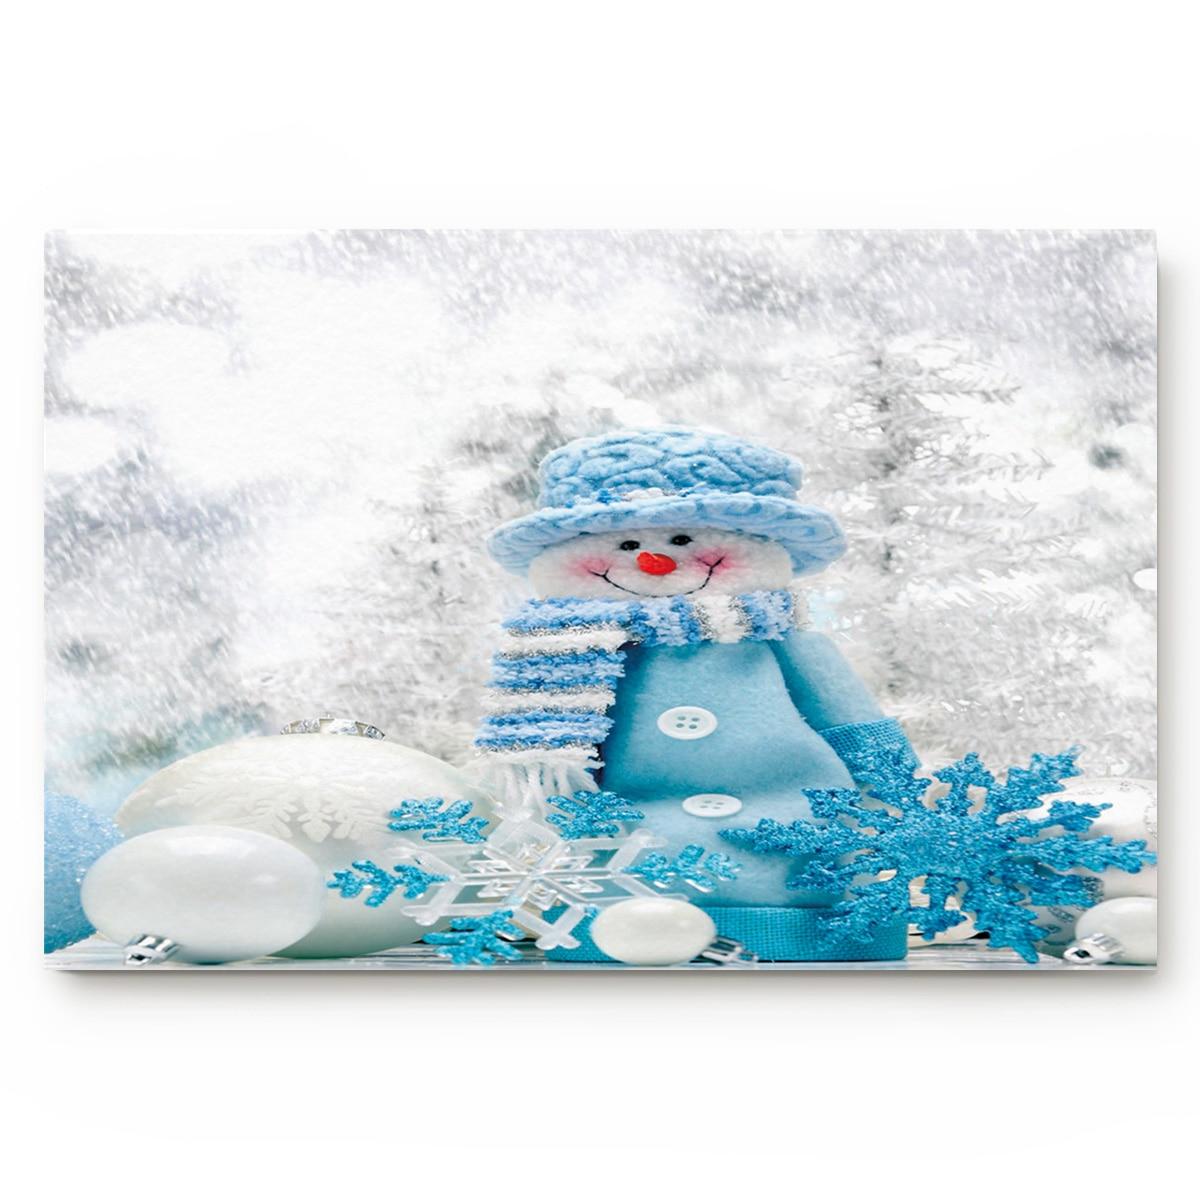 Рождественские коврики для ванной с изображением снежного цветка, рождественские коврики, нескользящий дверной коврик, ковер, аксессуары д...